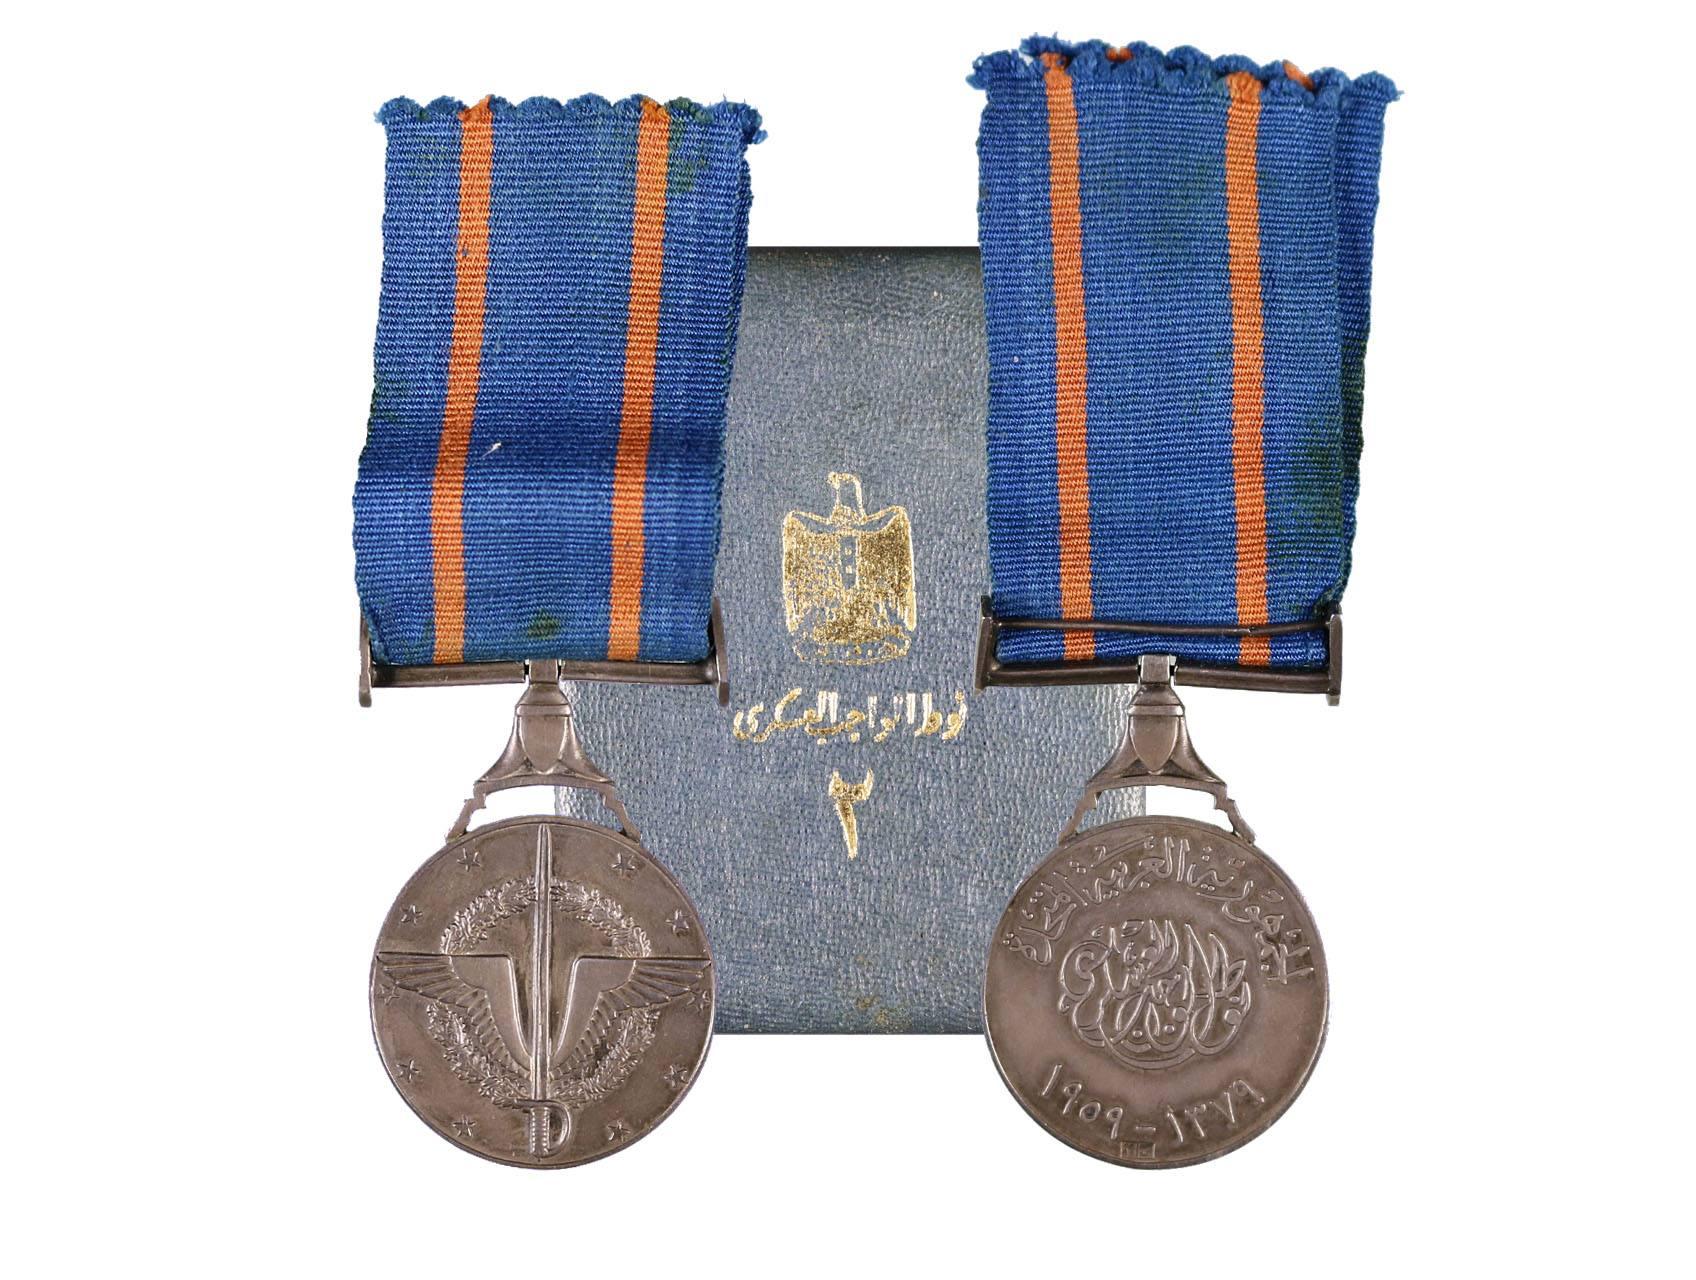 Medaile Za vojenskou povinnost 1953, původní etue